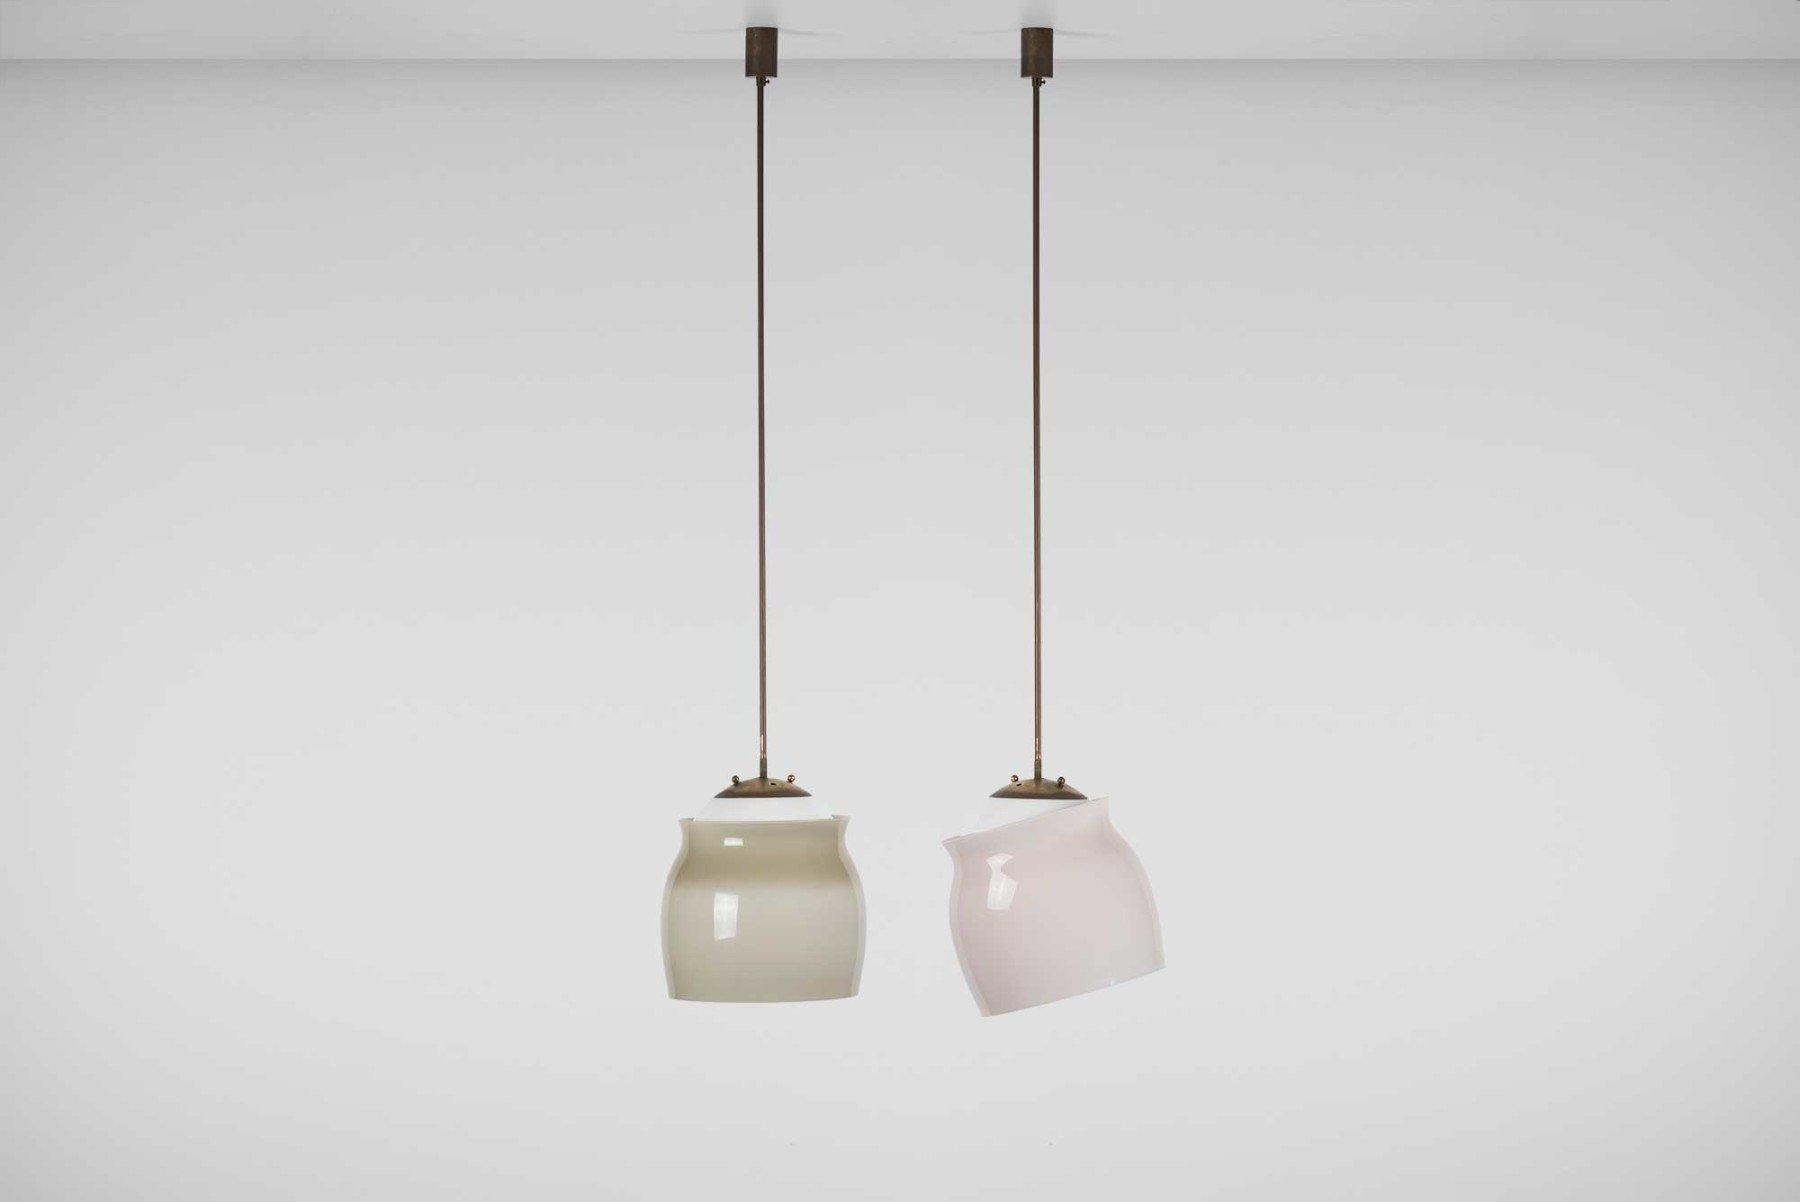 Franco Albini |   Ceiling light model 4023